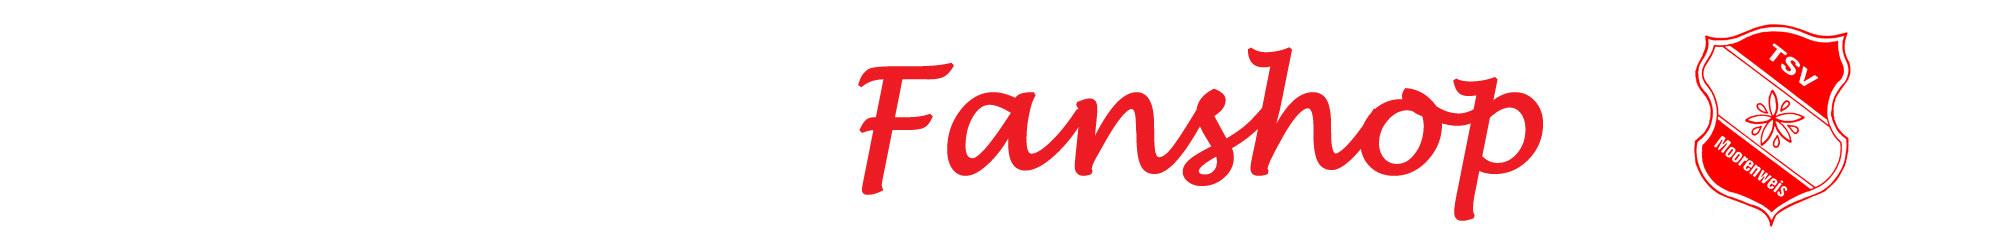 fanshop4you.de – so gut wie alles für Vereine